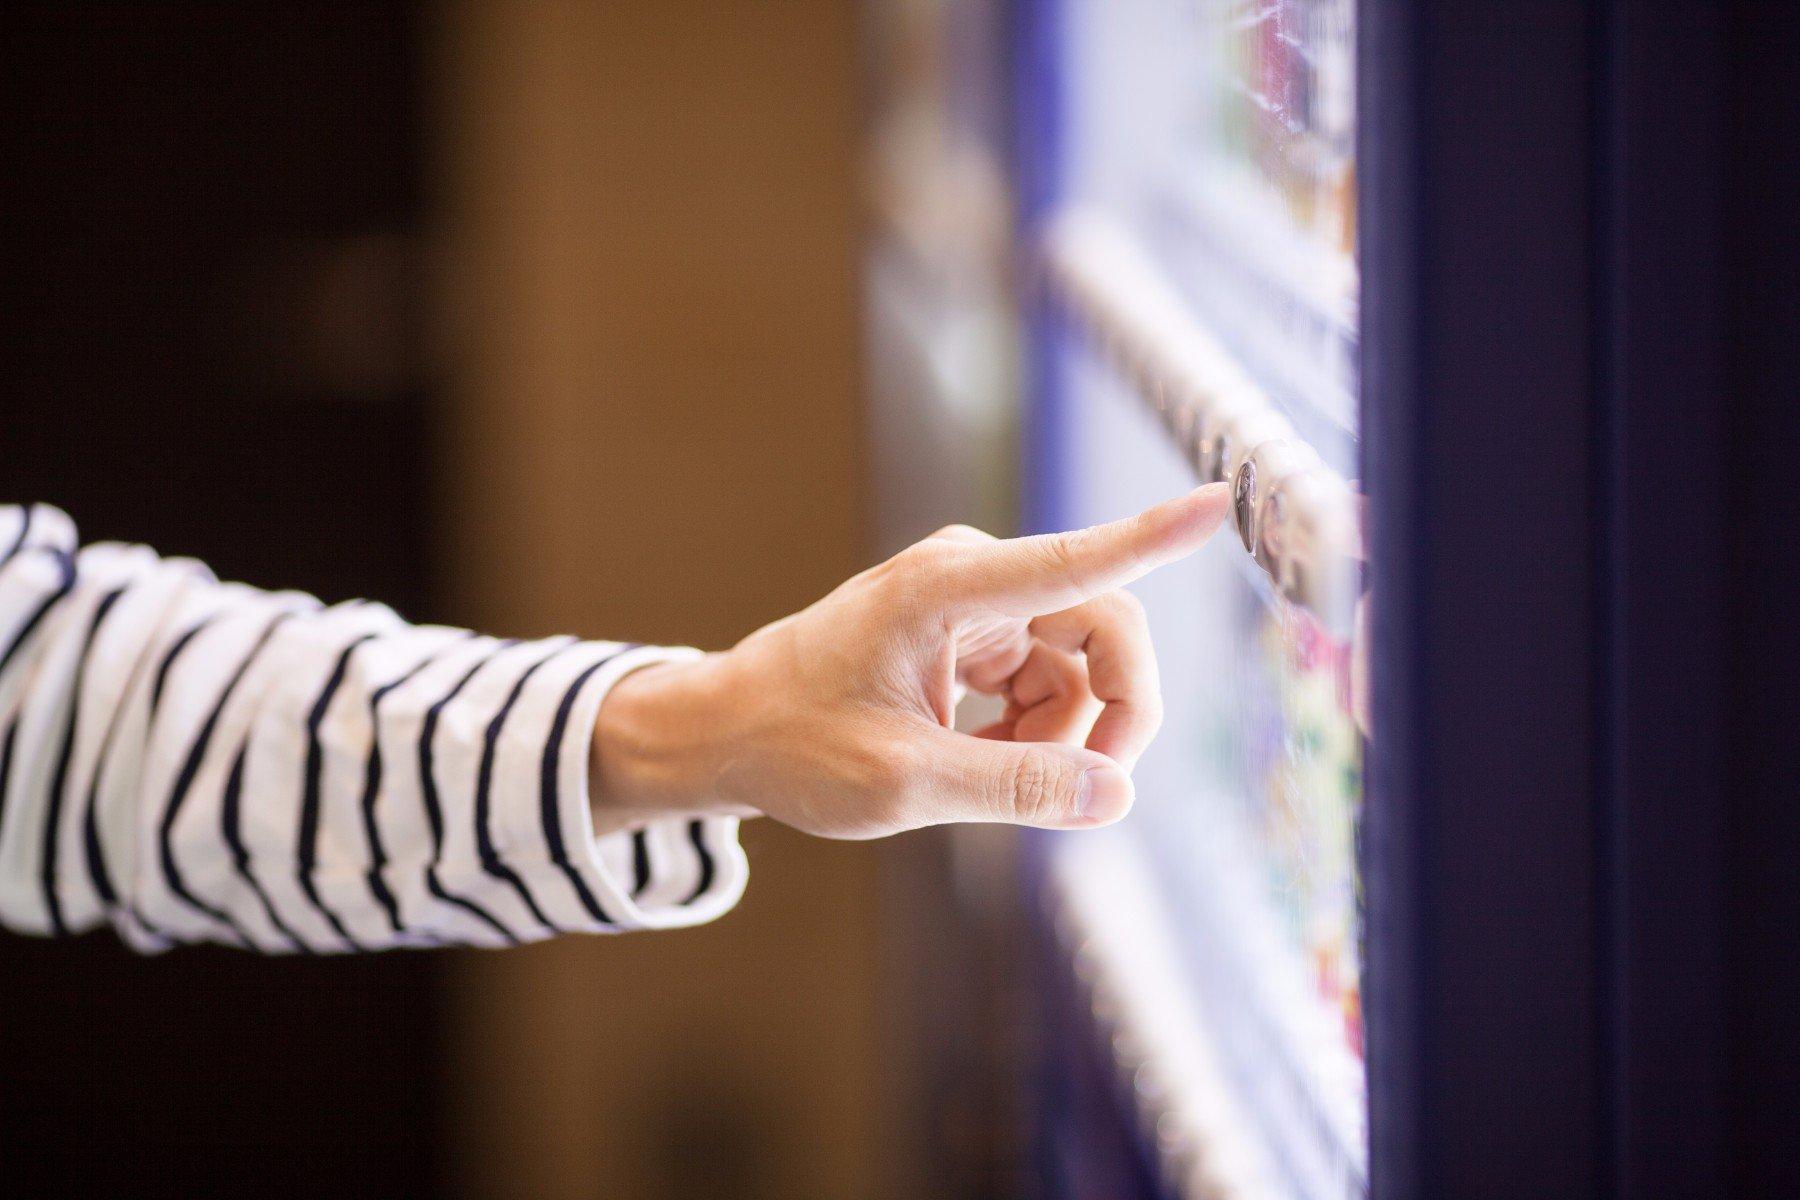 mano seleziona prodotto sul distributore automatico